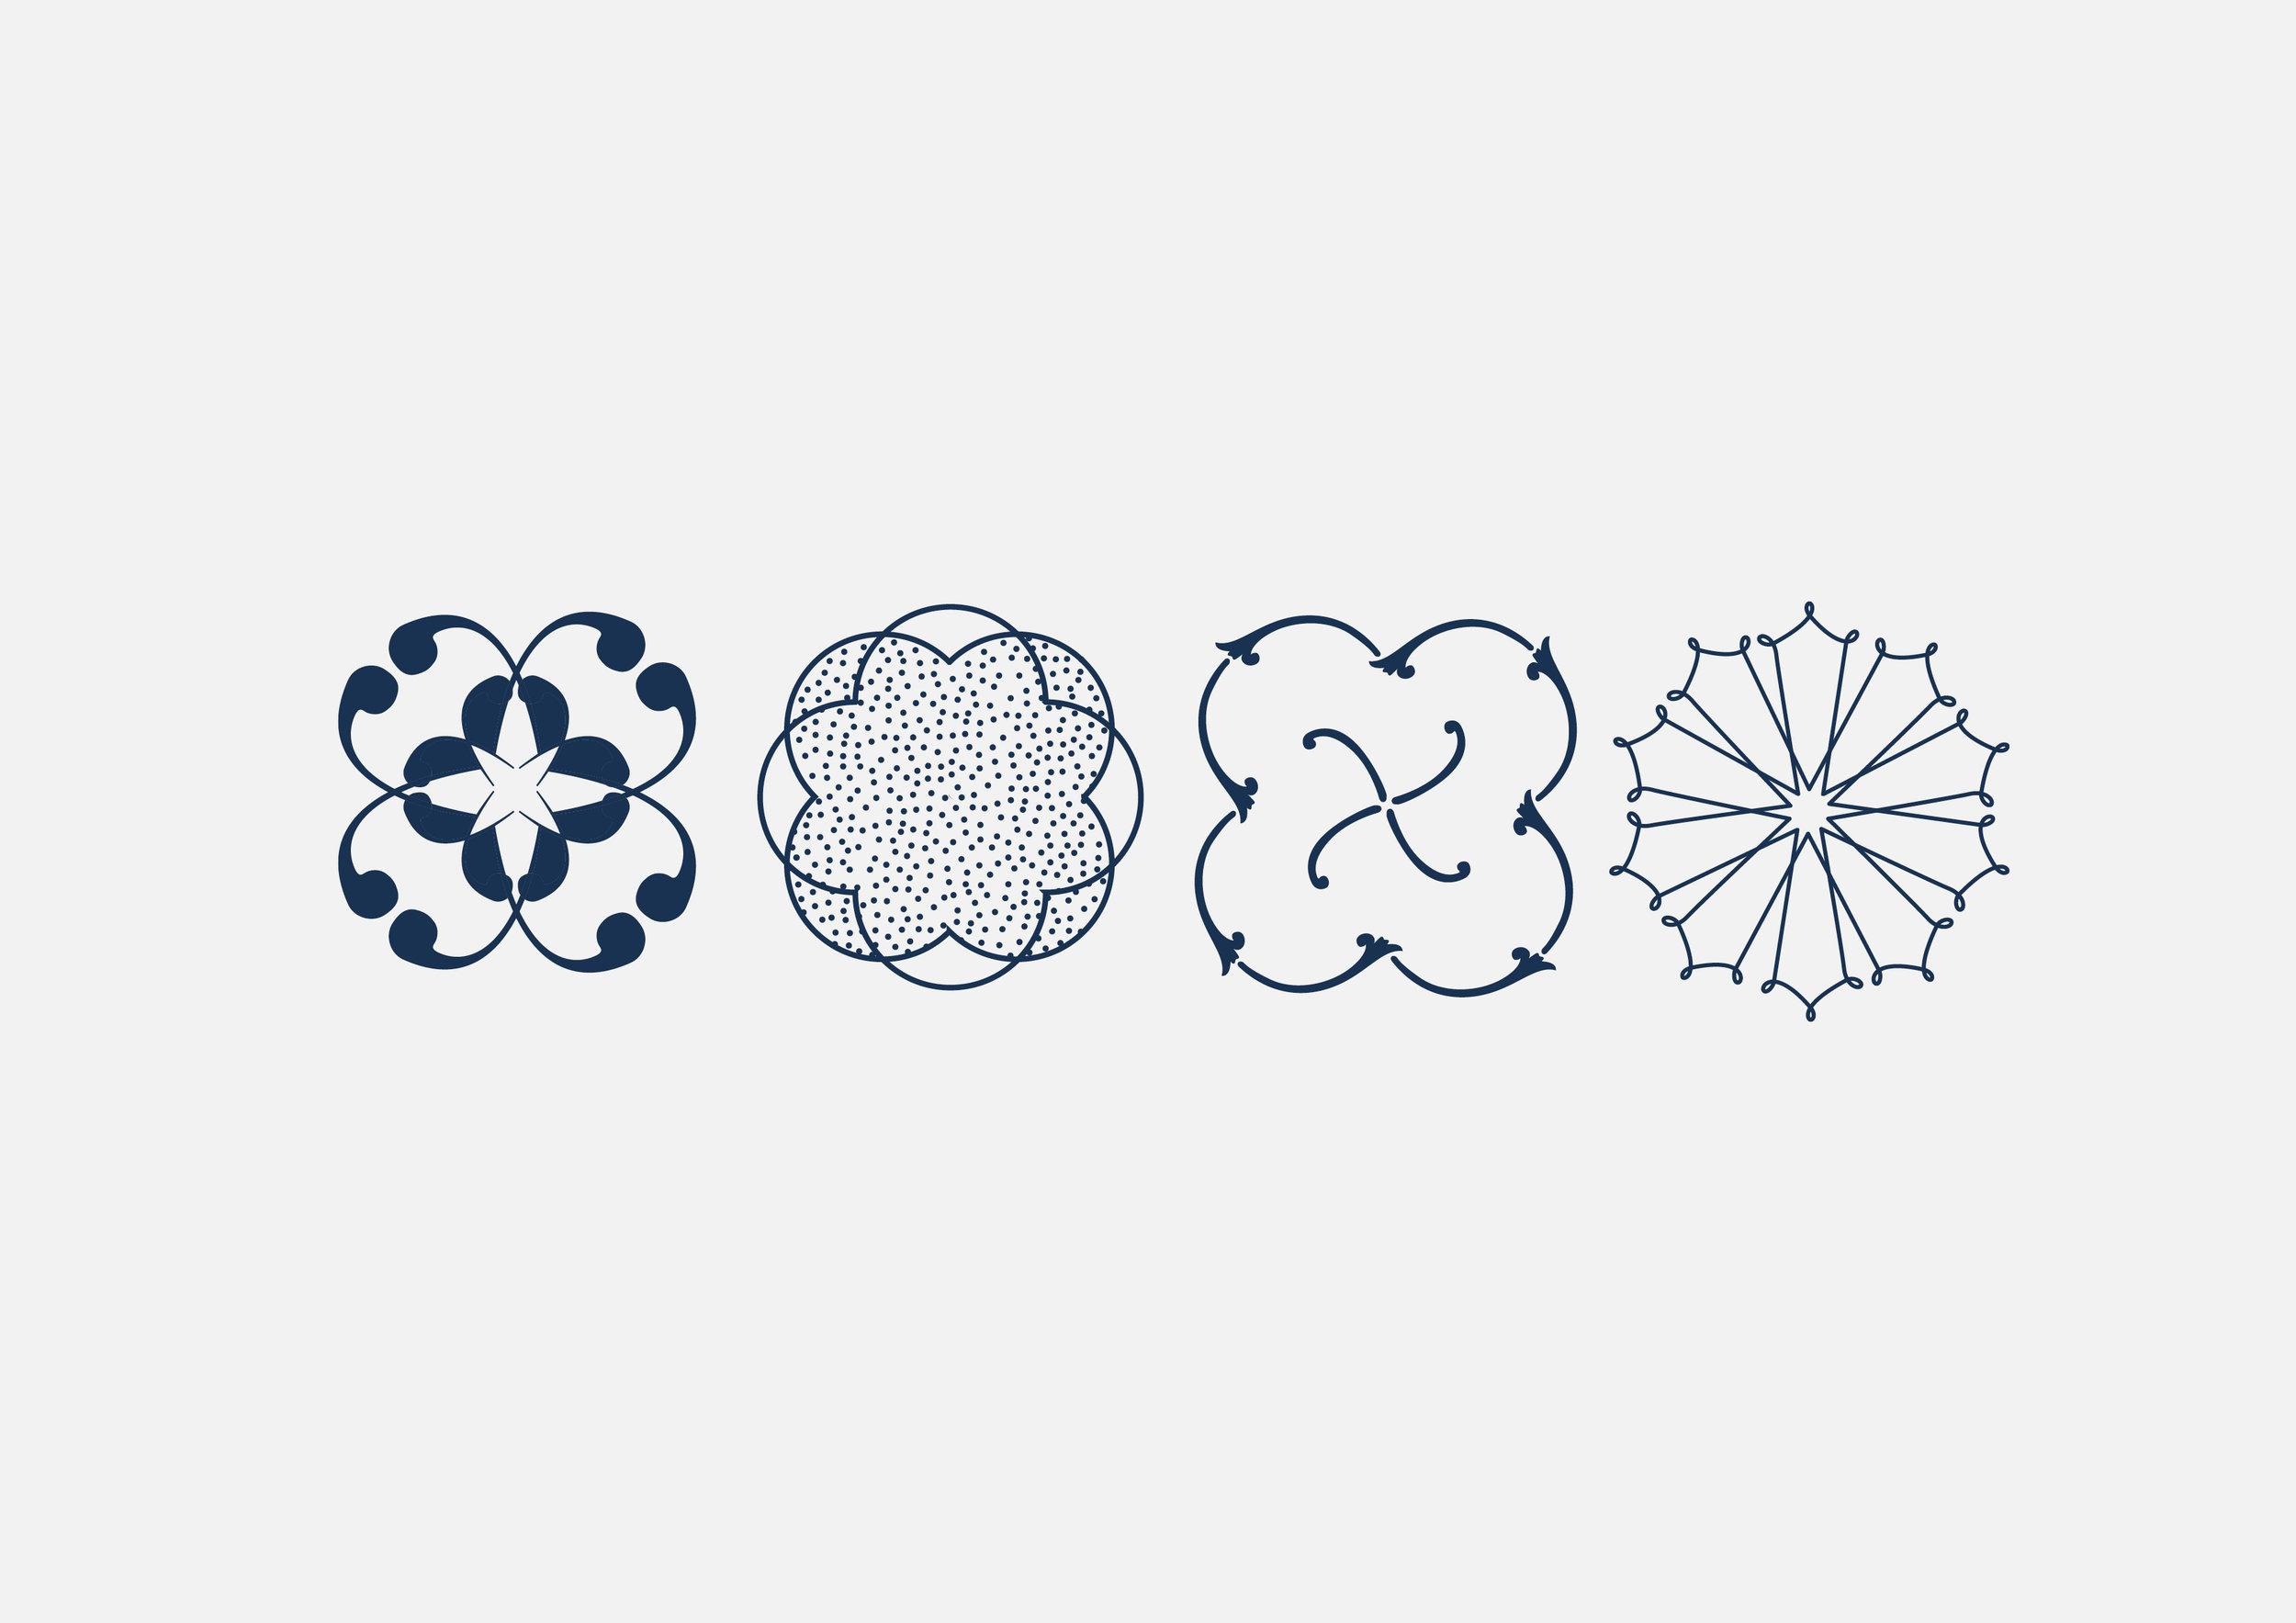 Élaboration d'un jeu de motifs créé à partir des dessins de faïences des collections Gien.